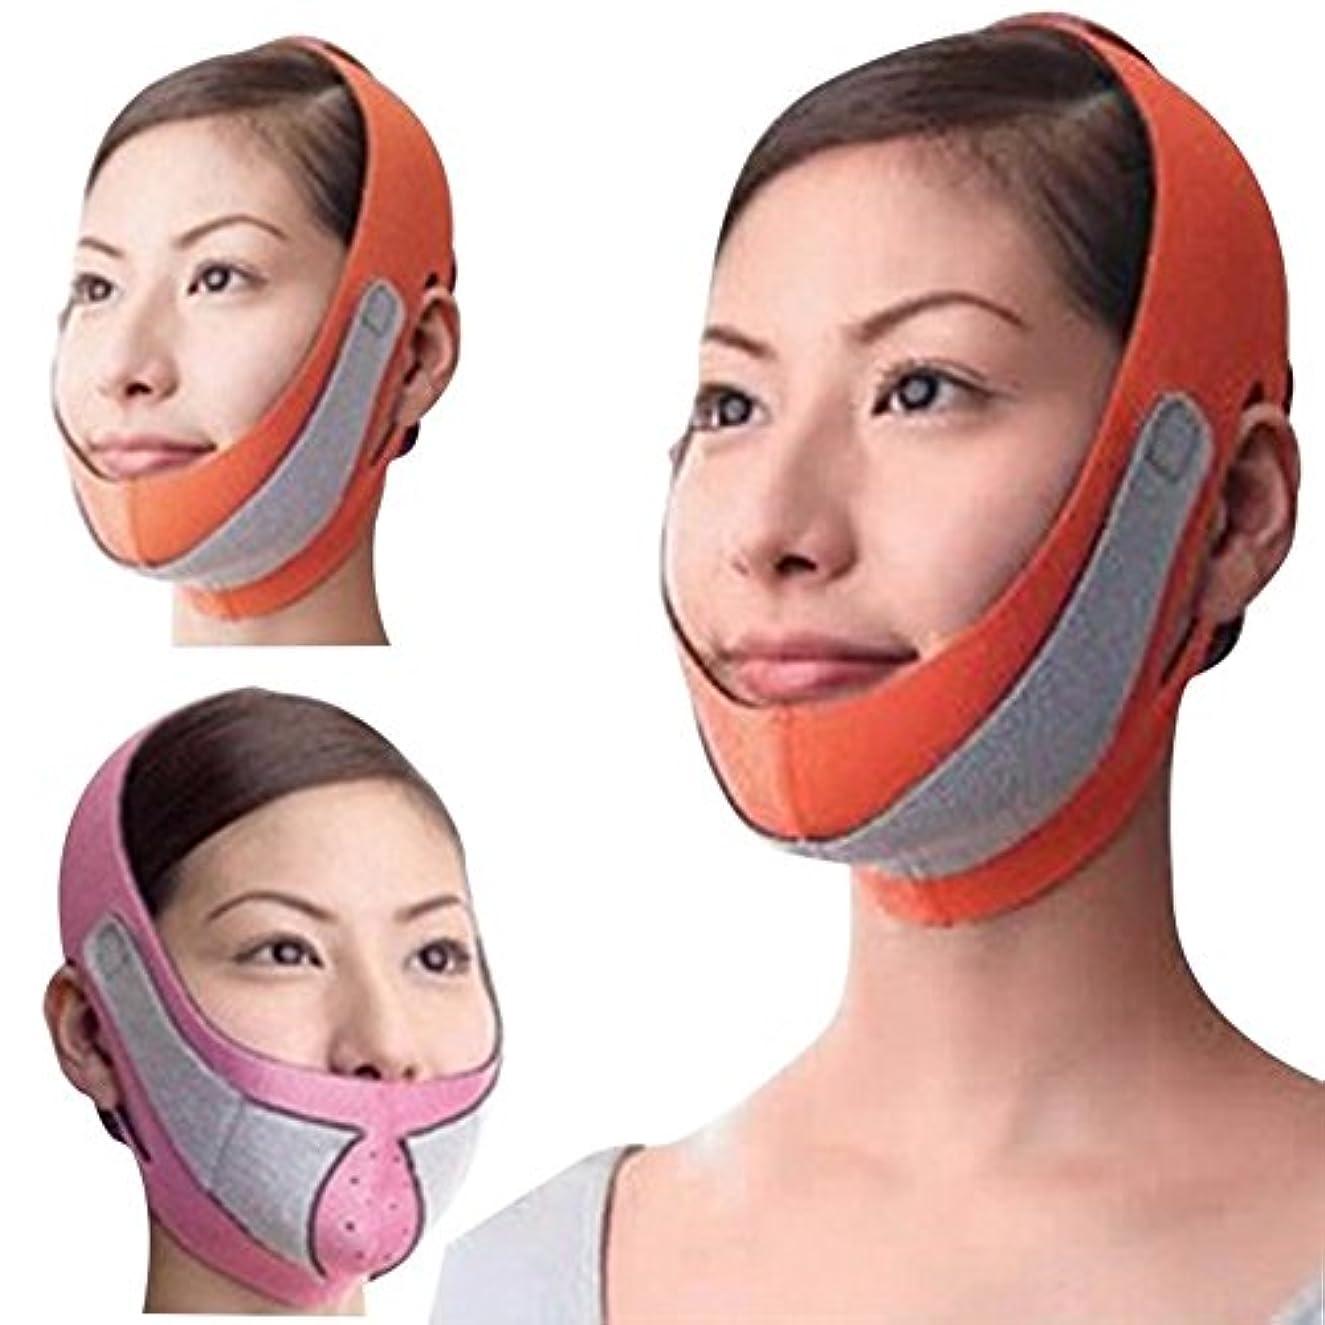 ボックス妊娠した感染するRemeehi 引き上げマスク 頬のたるみ 額 顎下 頬リフトアップ ピンク グレー 弾力V-ラインマスク 引っ張る リフティング フェイス リフトスリムマスク 美容 フェイスマスク オレンジ